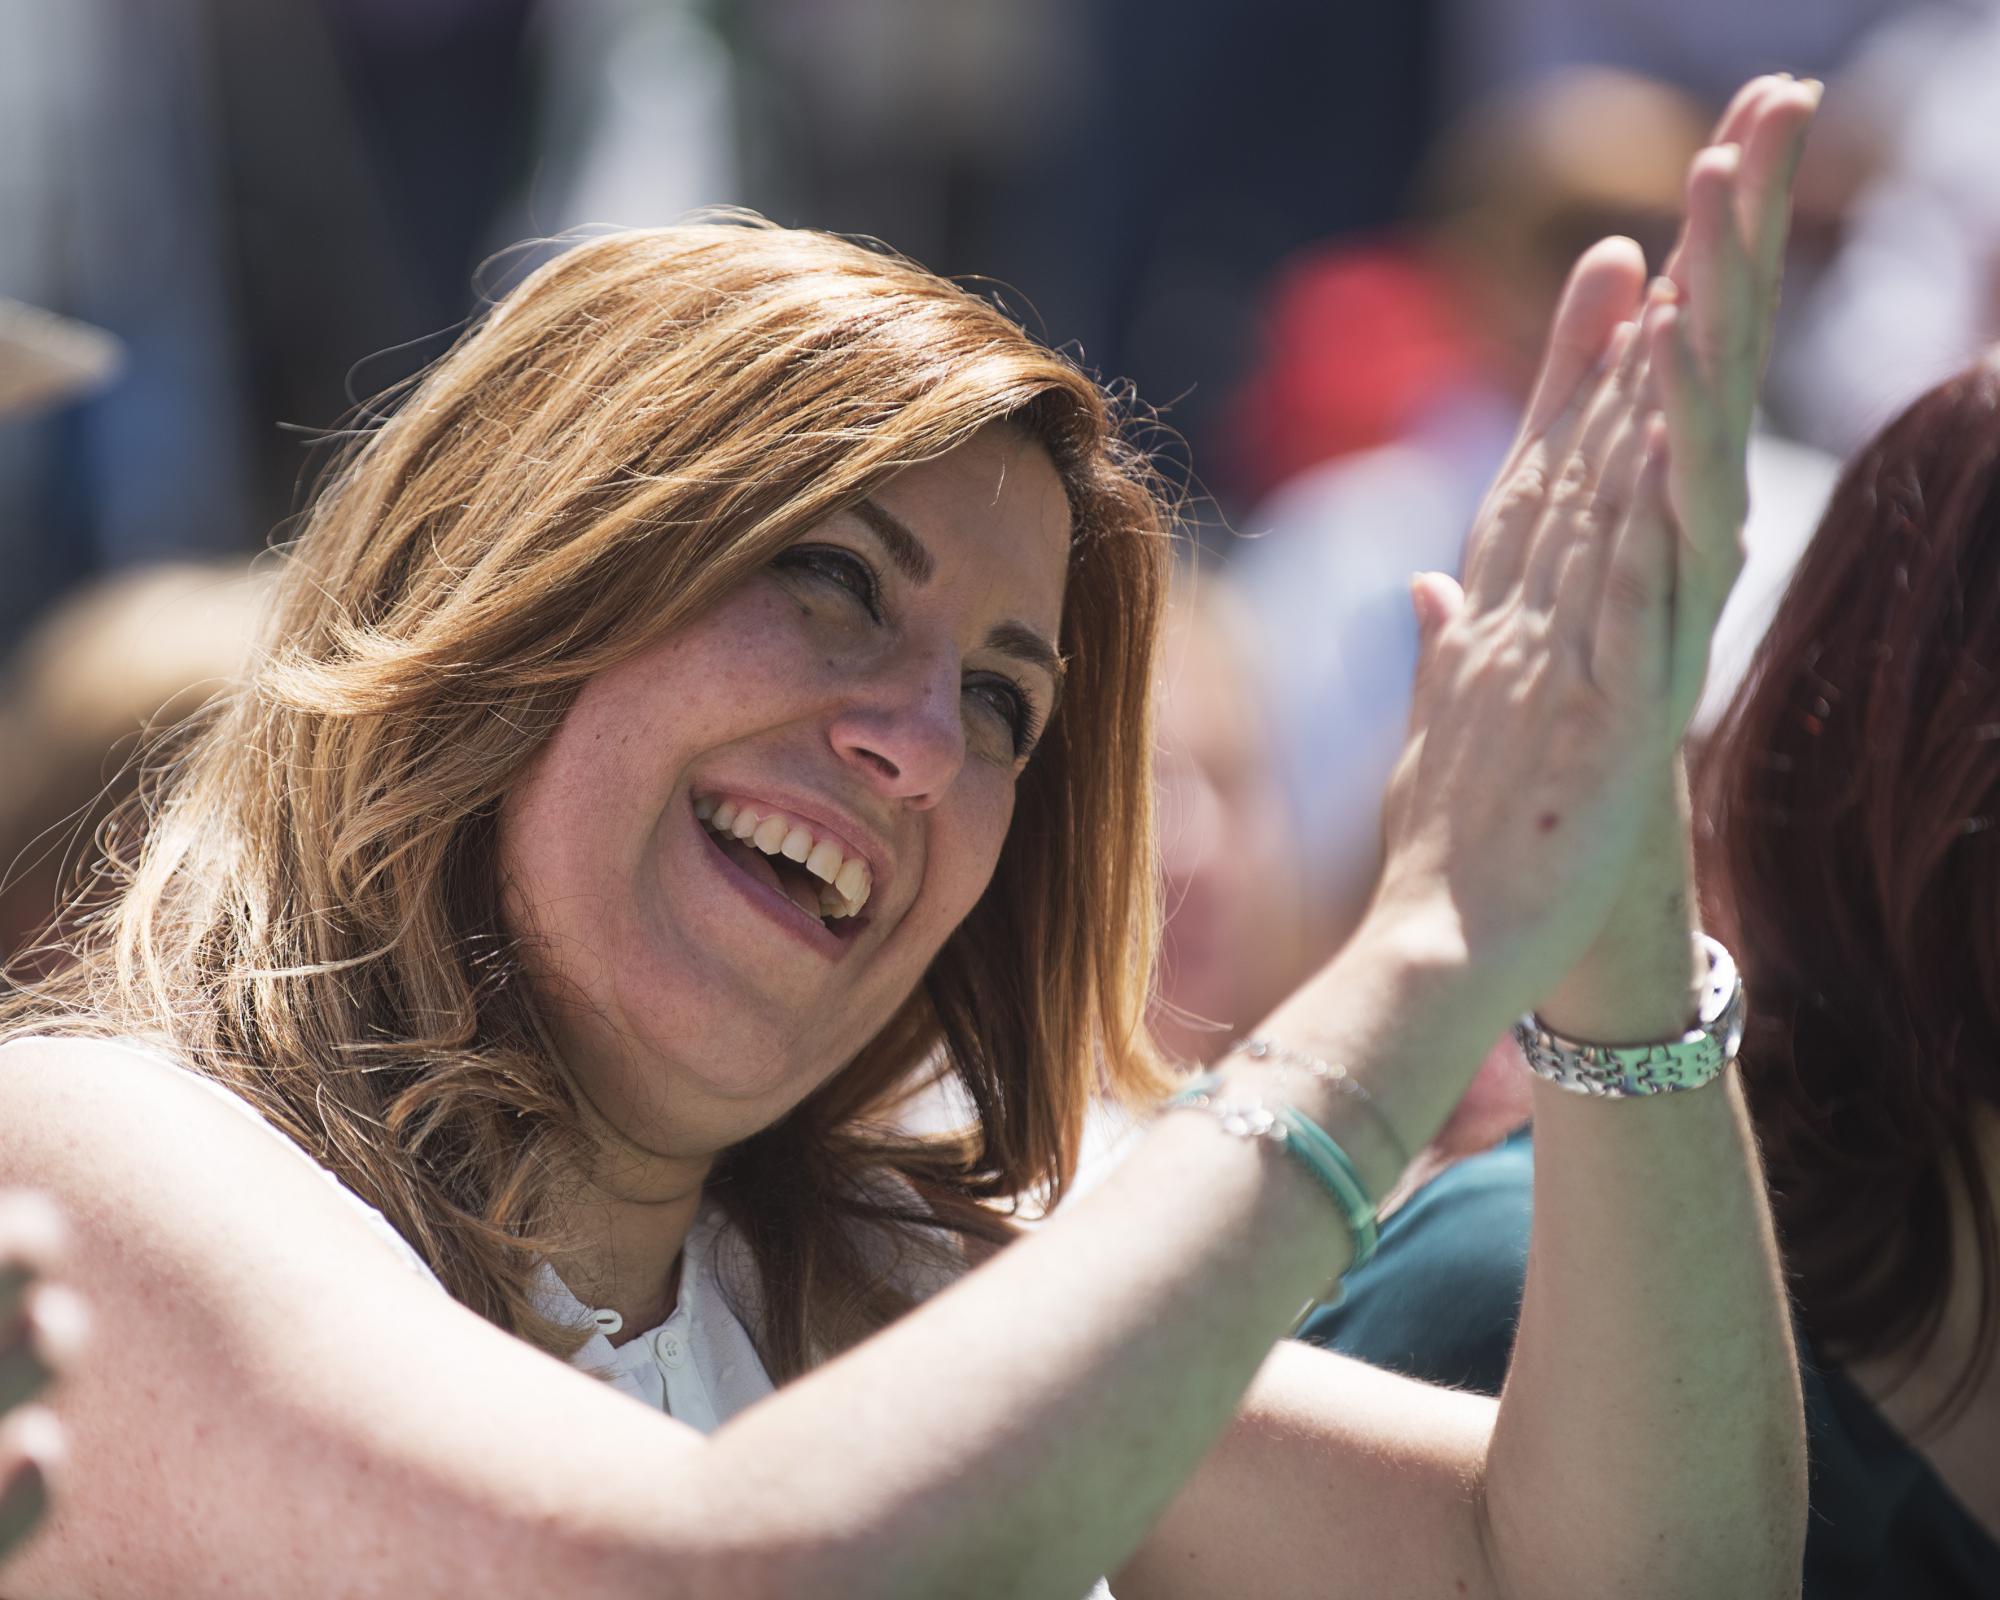 La junta de andaluc a se convierte en la oficina de empleo para los altos cargos - Oficina de empleo andalucia ...